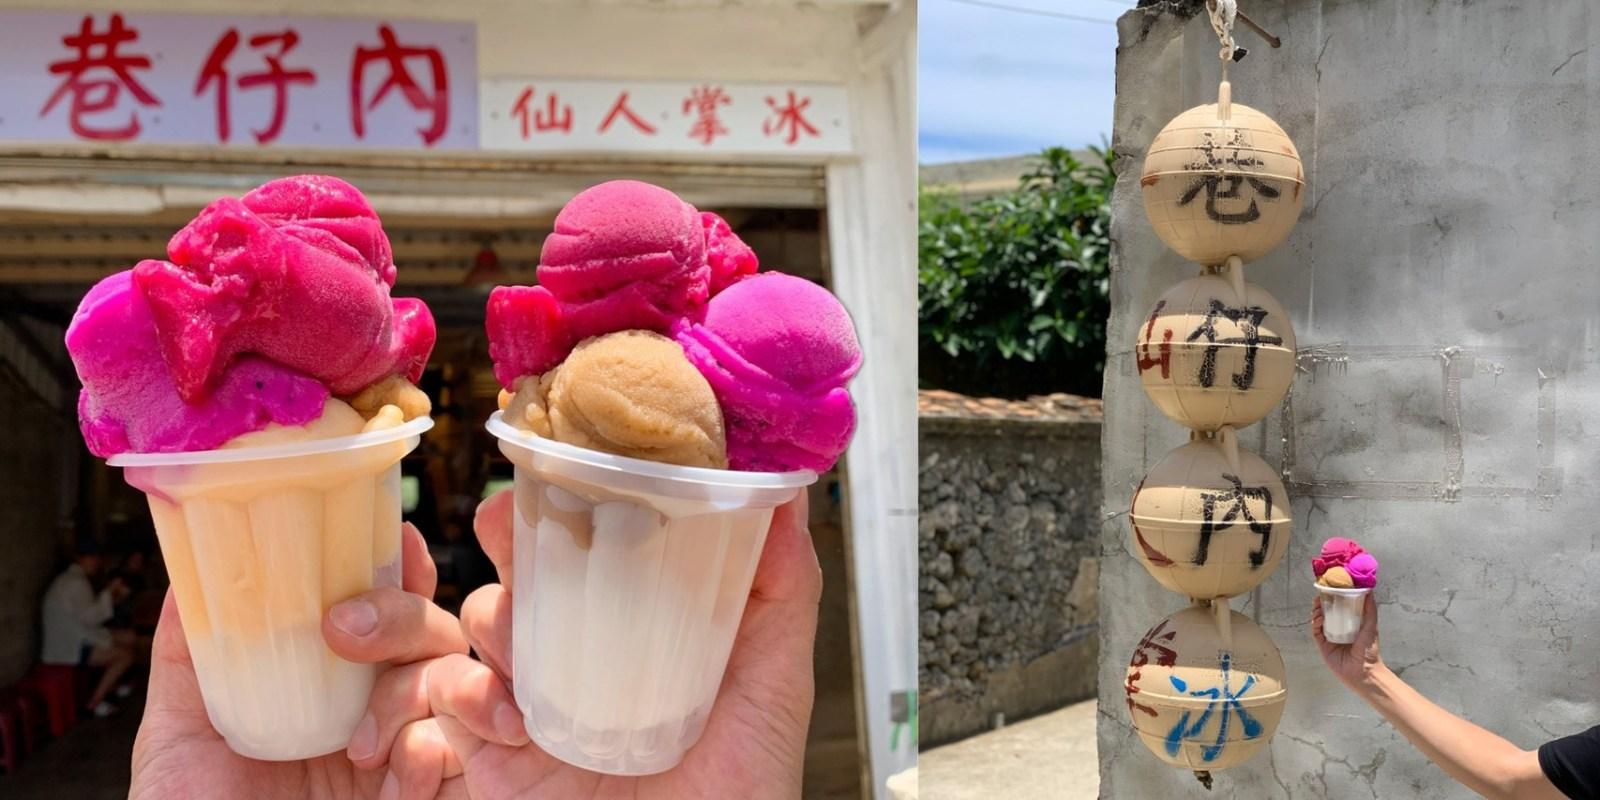 隱身在巷弄裡的『江巷仔內仙人掌冰』真的是每去澎湖旅遊必吃名單之一!平價又好吃,推一個~